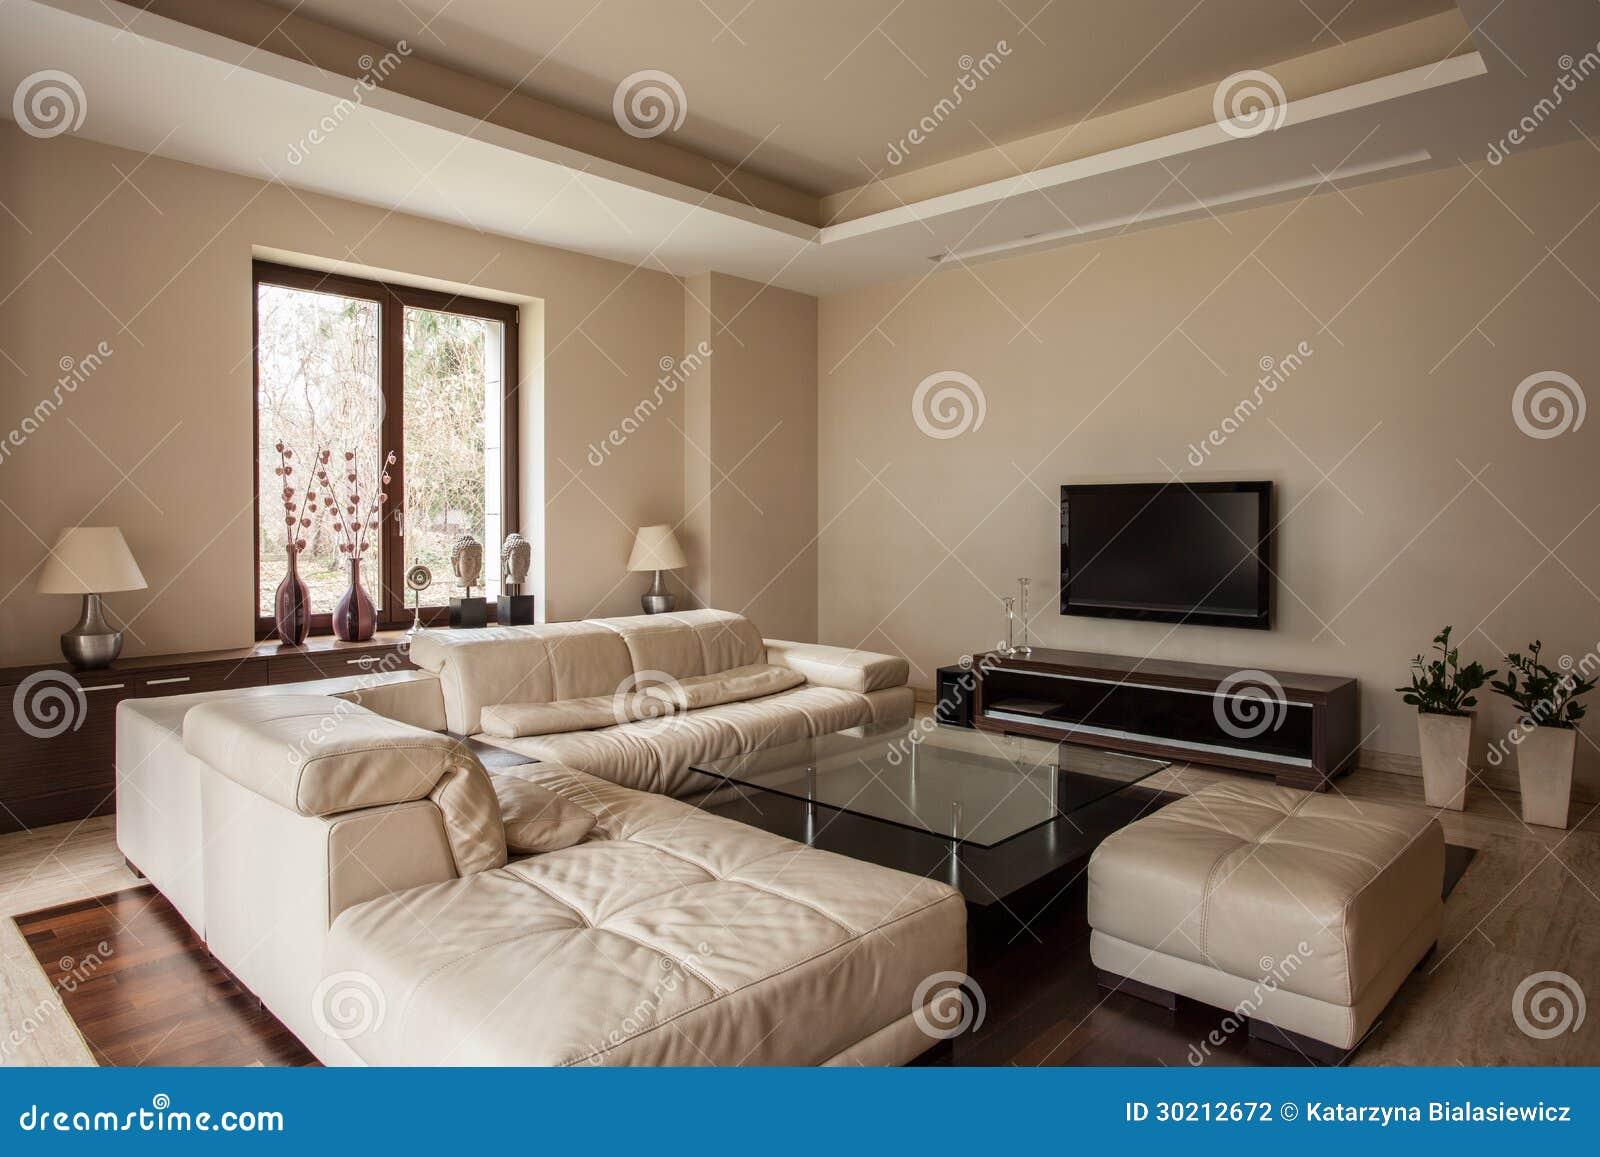 maison de travertin salon avec le sofa photographie stock image 30212672. Black Bedroom Furniture Sets. Home Design Ideas